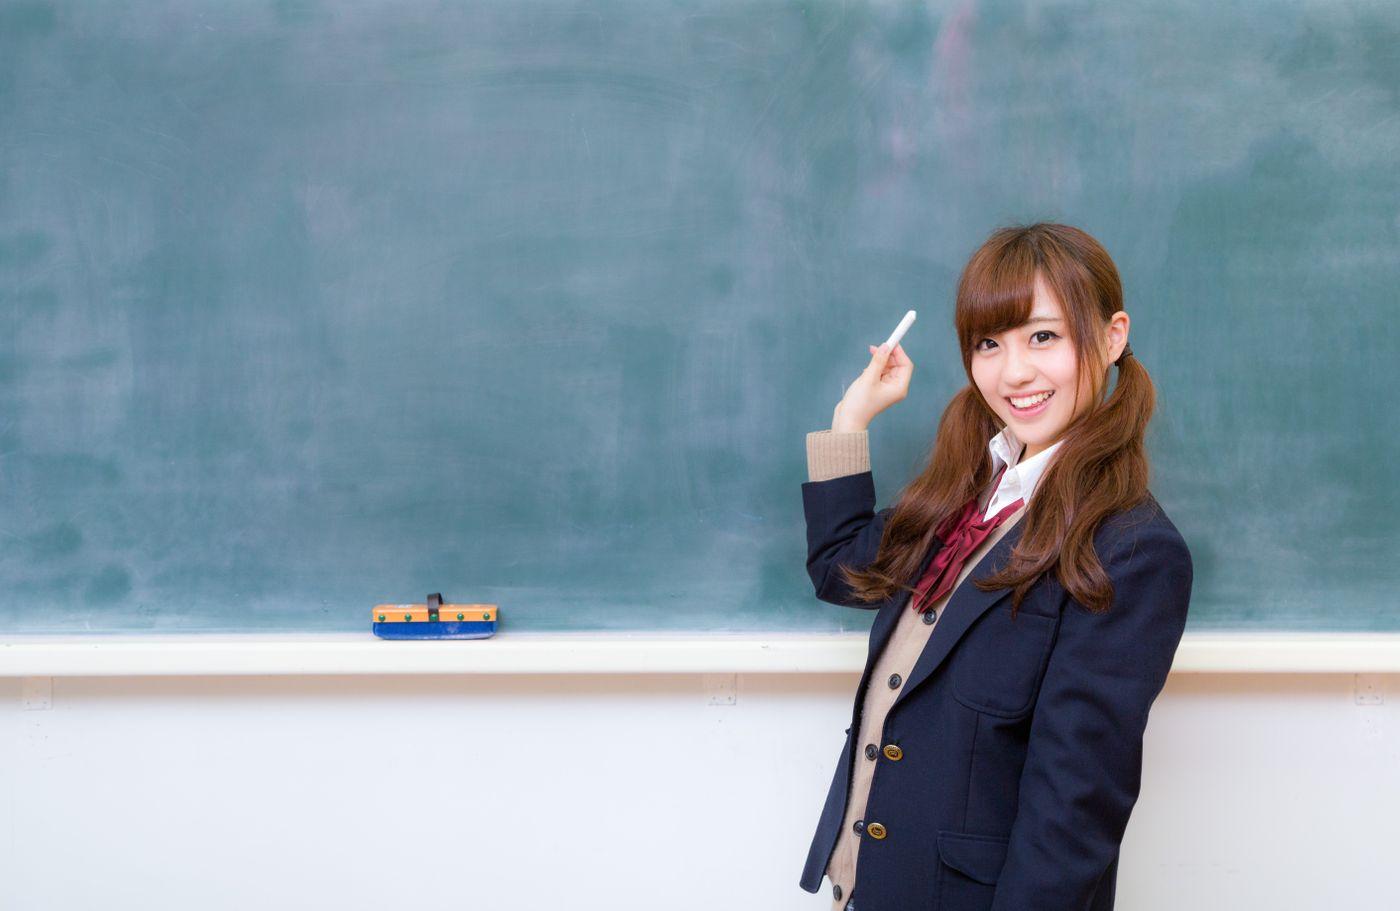 黒板とJK(女子高生)の写真